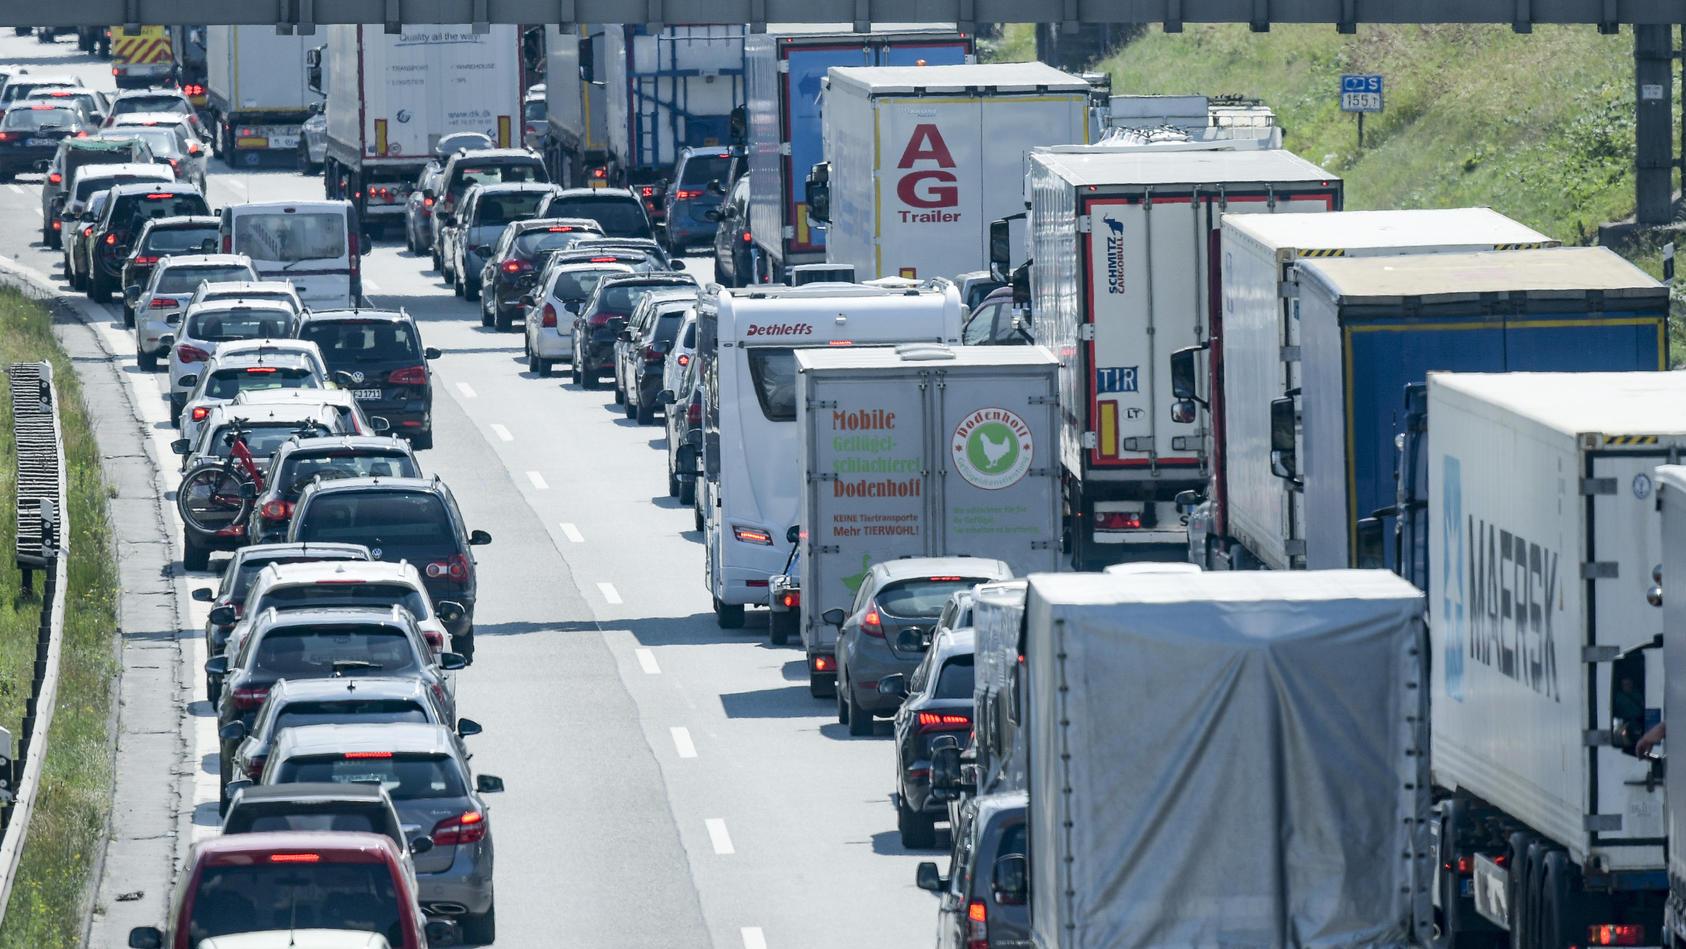 Der ADAC warnt vor einem Stau-Wochenende. Besonders betroffen seien die Autobahnen rund um Hamburg - wie hier vor dem Elbtunnel auf der A7 im Juni 2020.